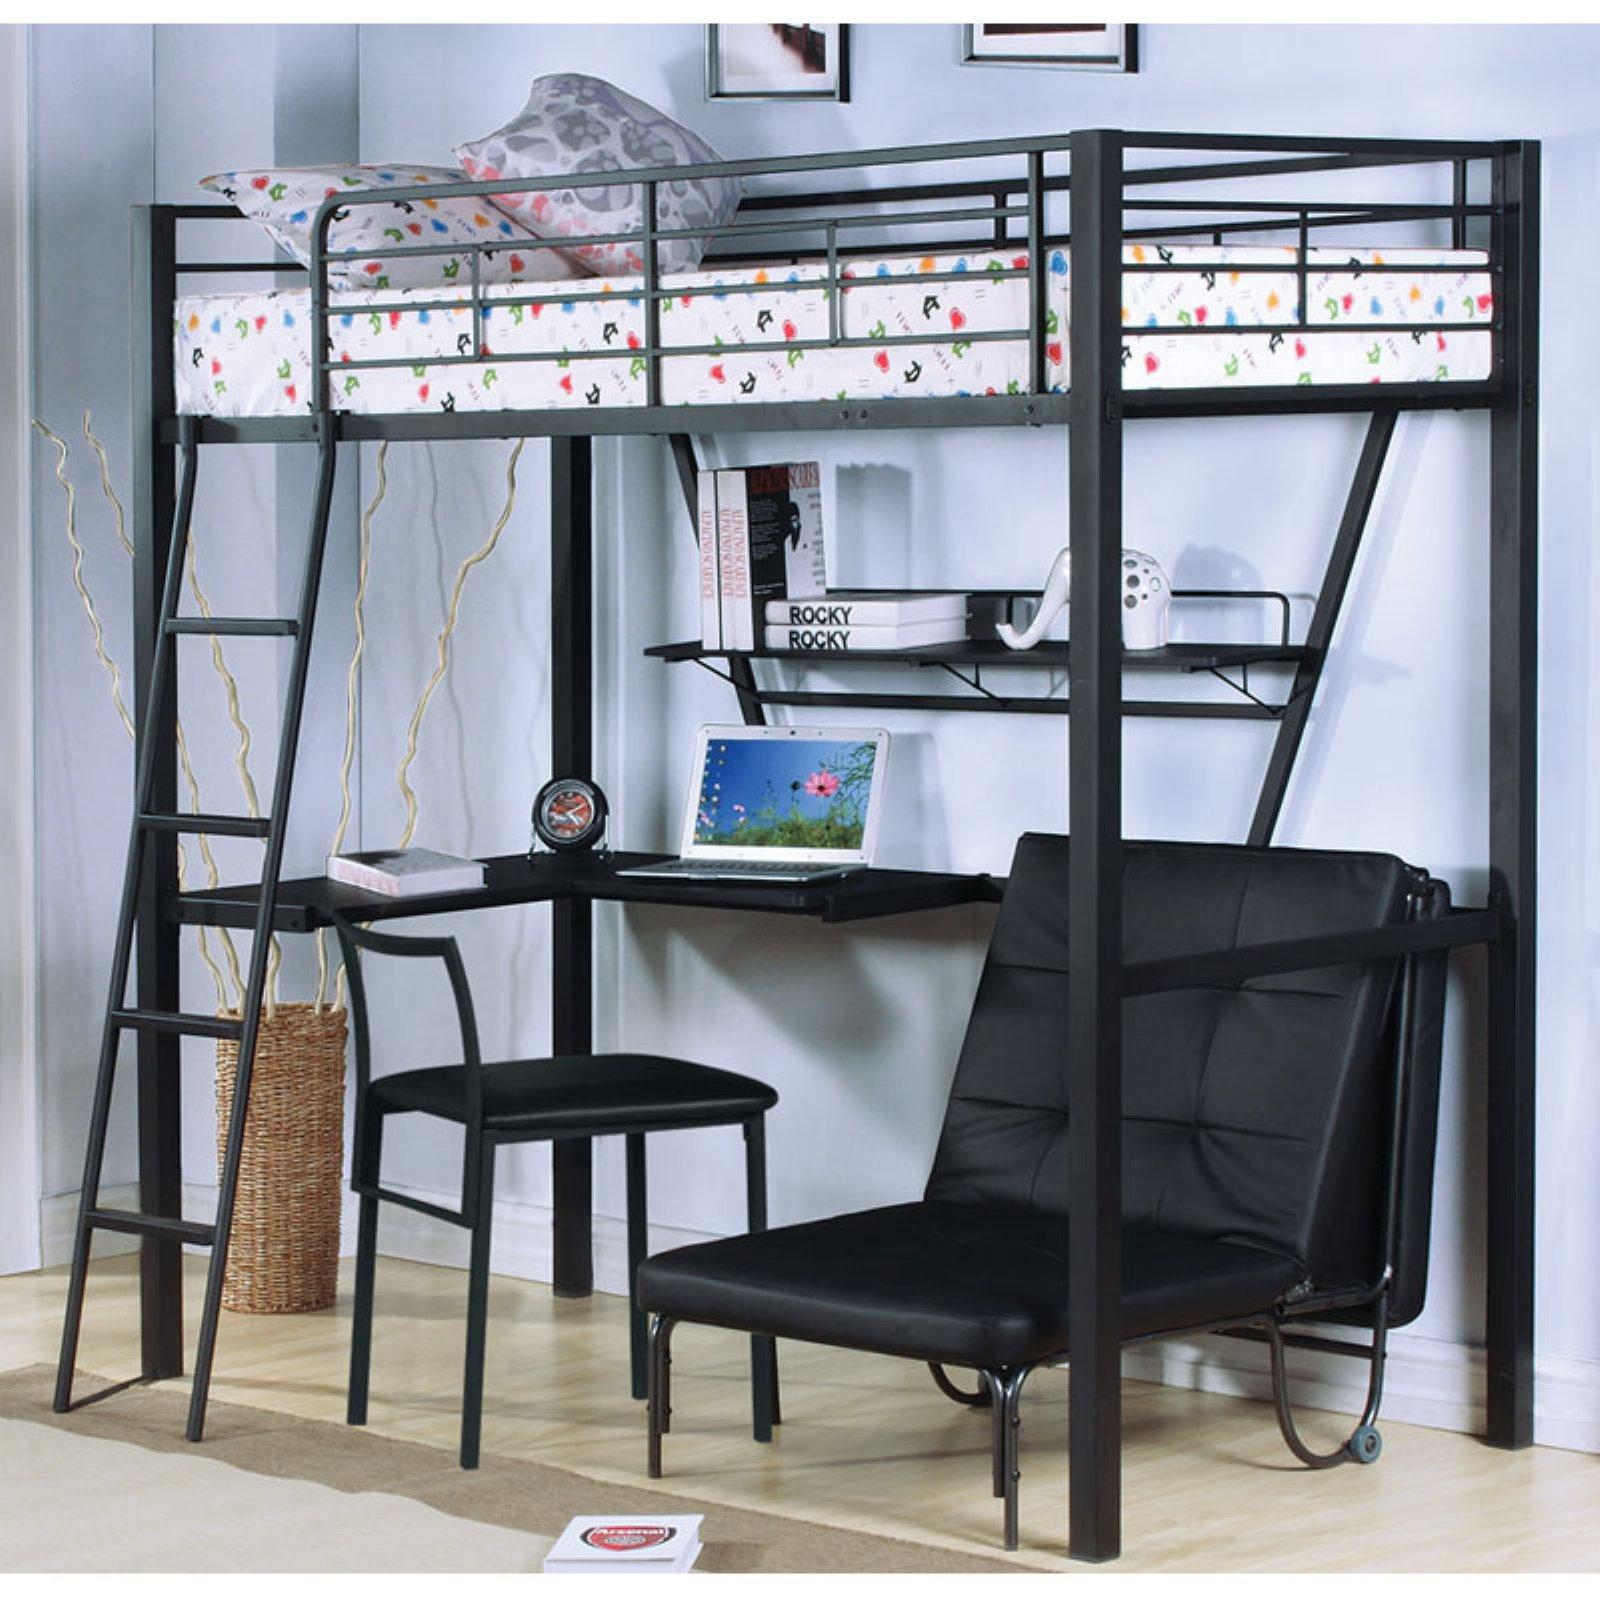 Acme Senon Loft Bed with Desk, Silver and Black - Walmart.com